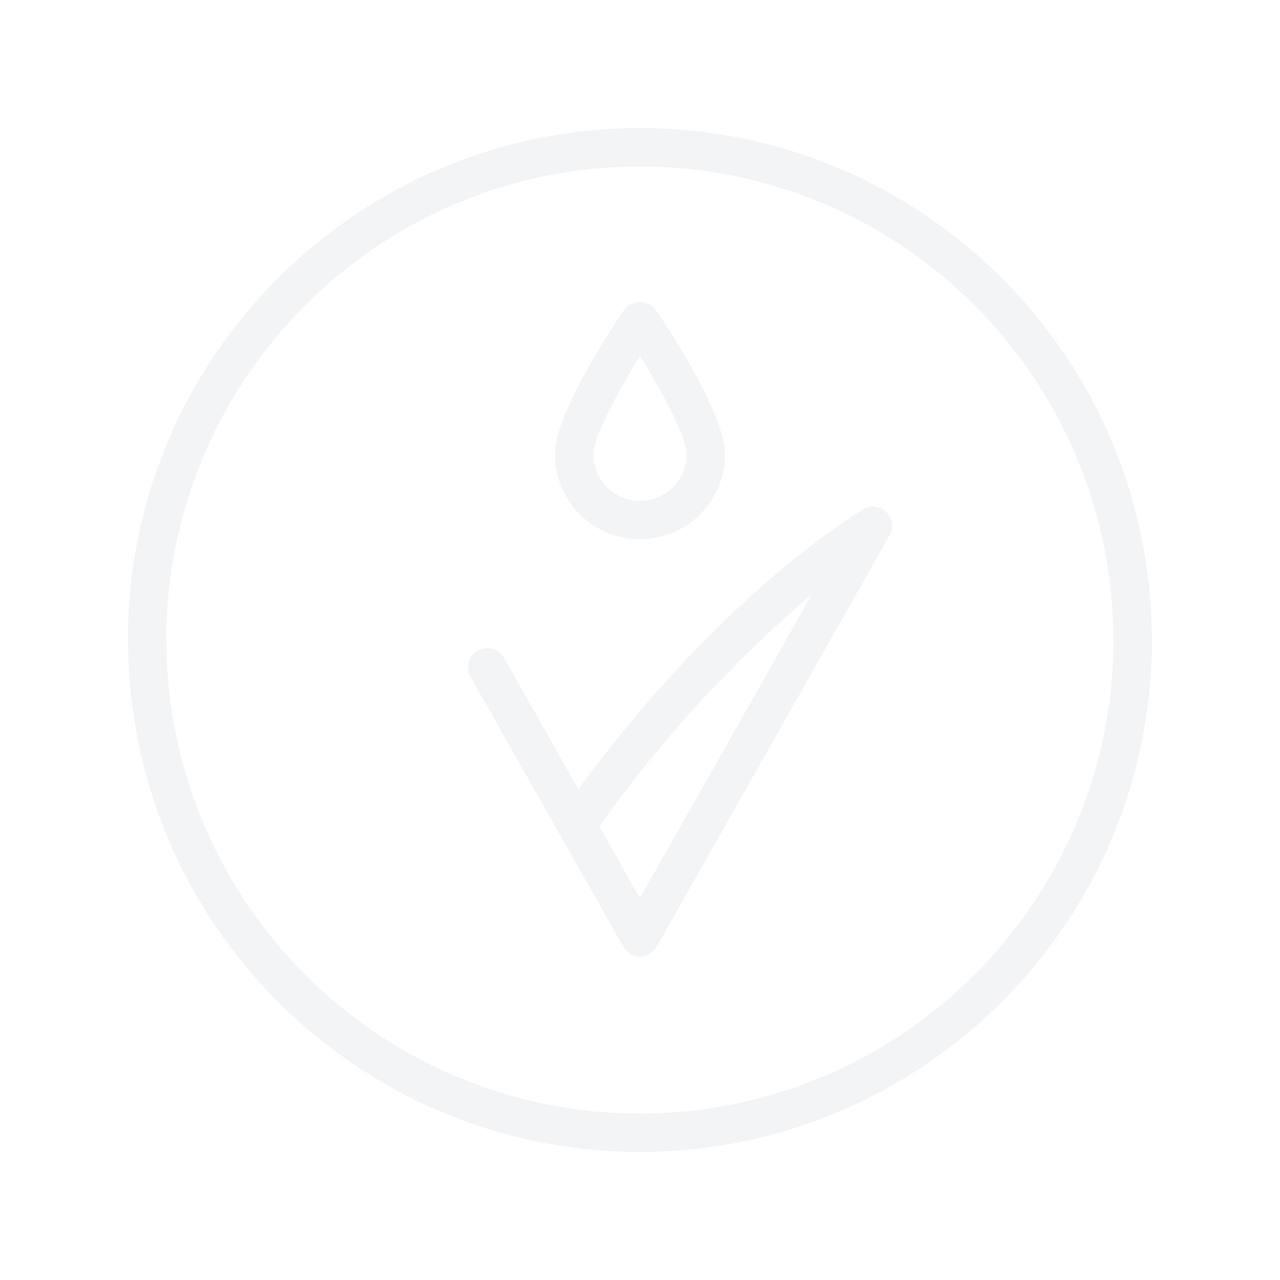 Chanel No 5 Eau Premiere Eau De Parfum Loverte